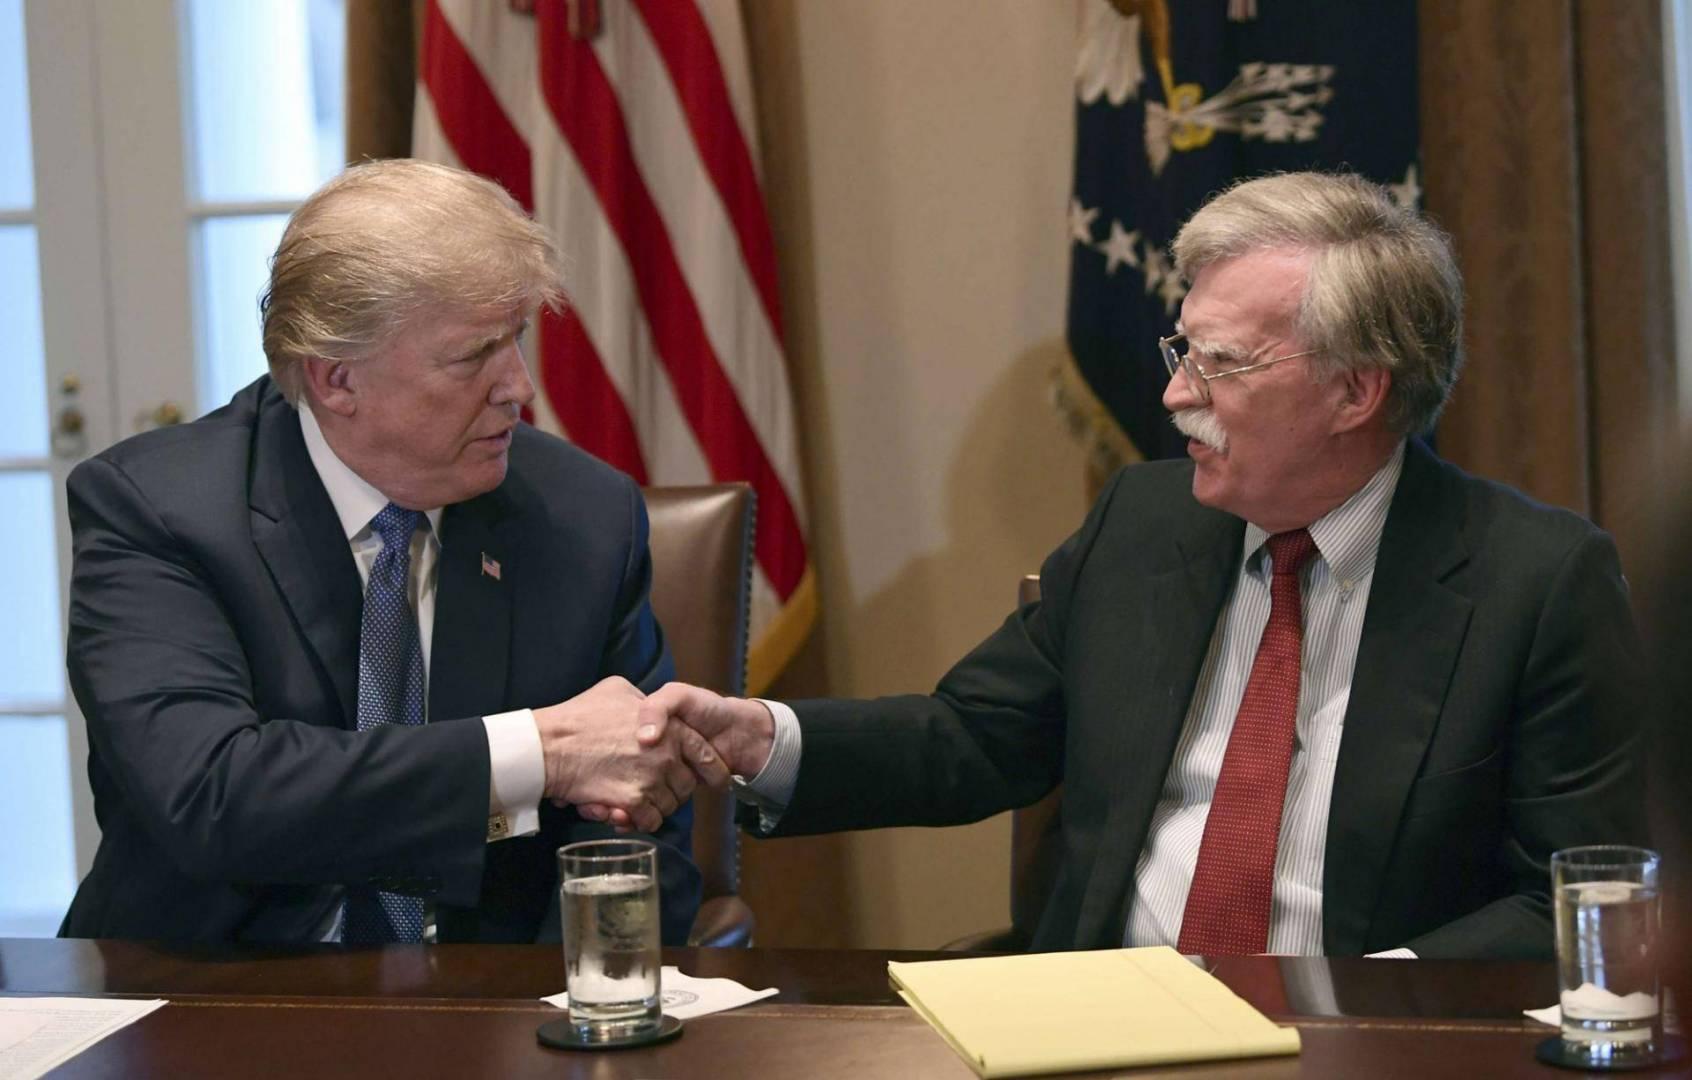 ترامب: التفاهم كان مفقوداً بين بولتون وأبرز موظفي إدارة البيت الأبيض